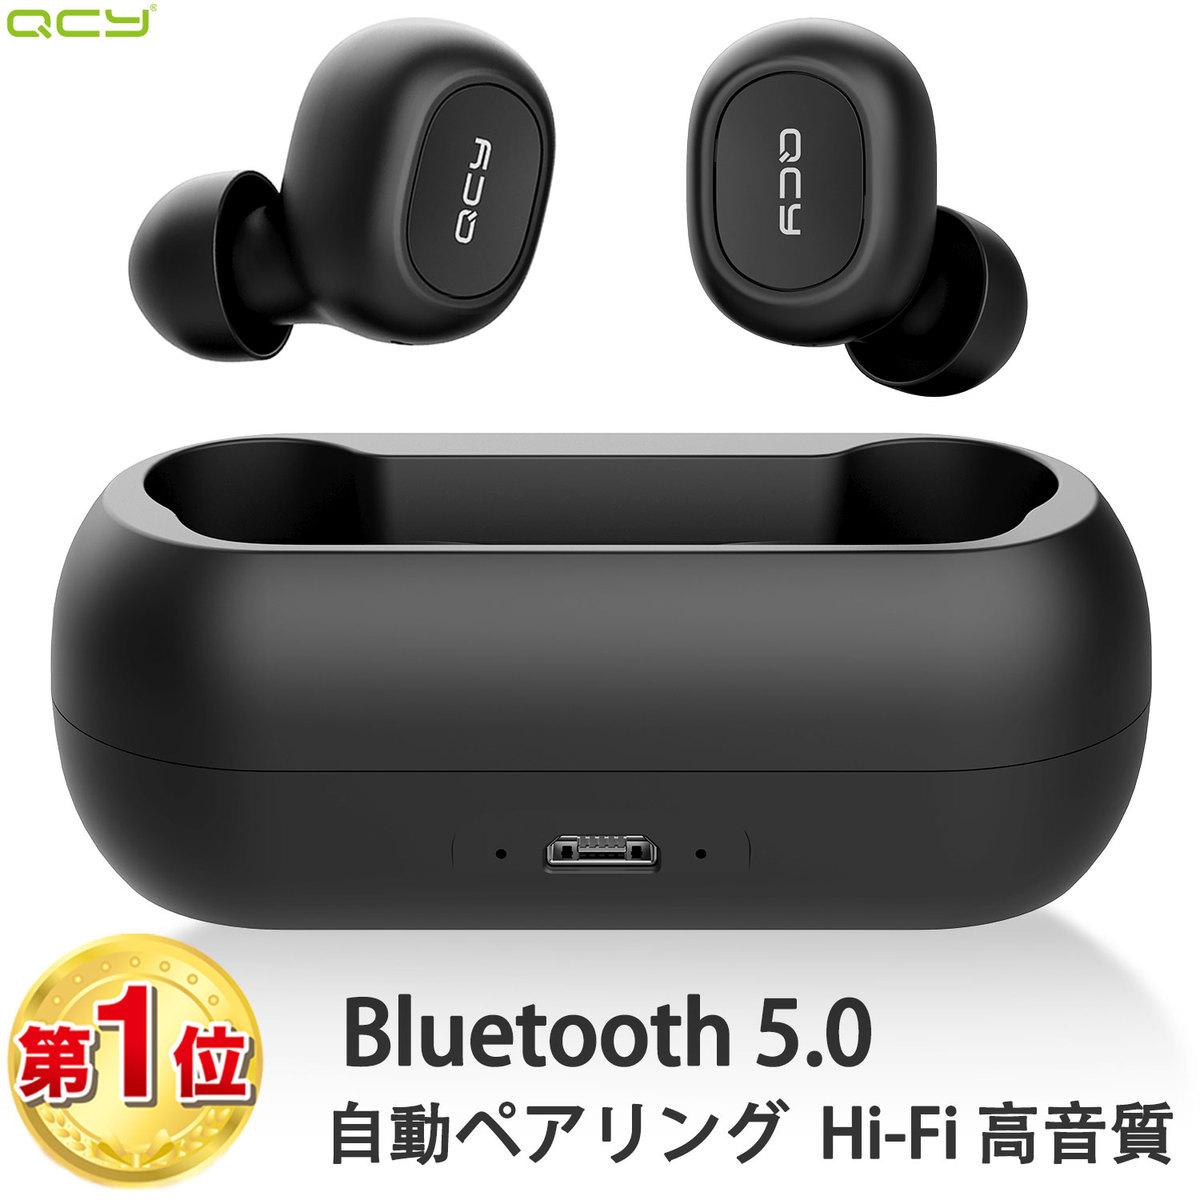 QCY T1 ワイヤレスイヤホン Bluetooth 5.0 完全ワイヤレス イヤホン 両耳 マイク付き ノイズキャンセリング IPX4防水 左右独立型 ブルートゥース イヤホン iPhone Android 対応 フルワイヤレス bluetooth イヤホン ブラック ホワイト QCY-T1